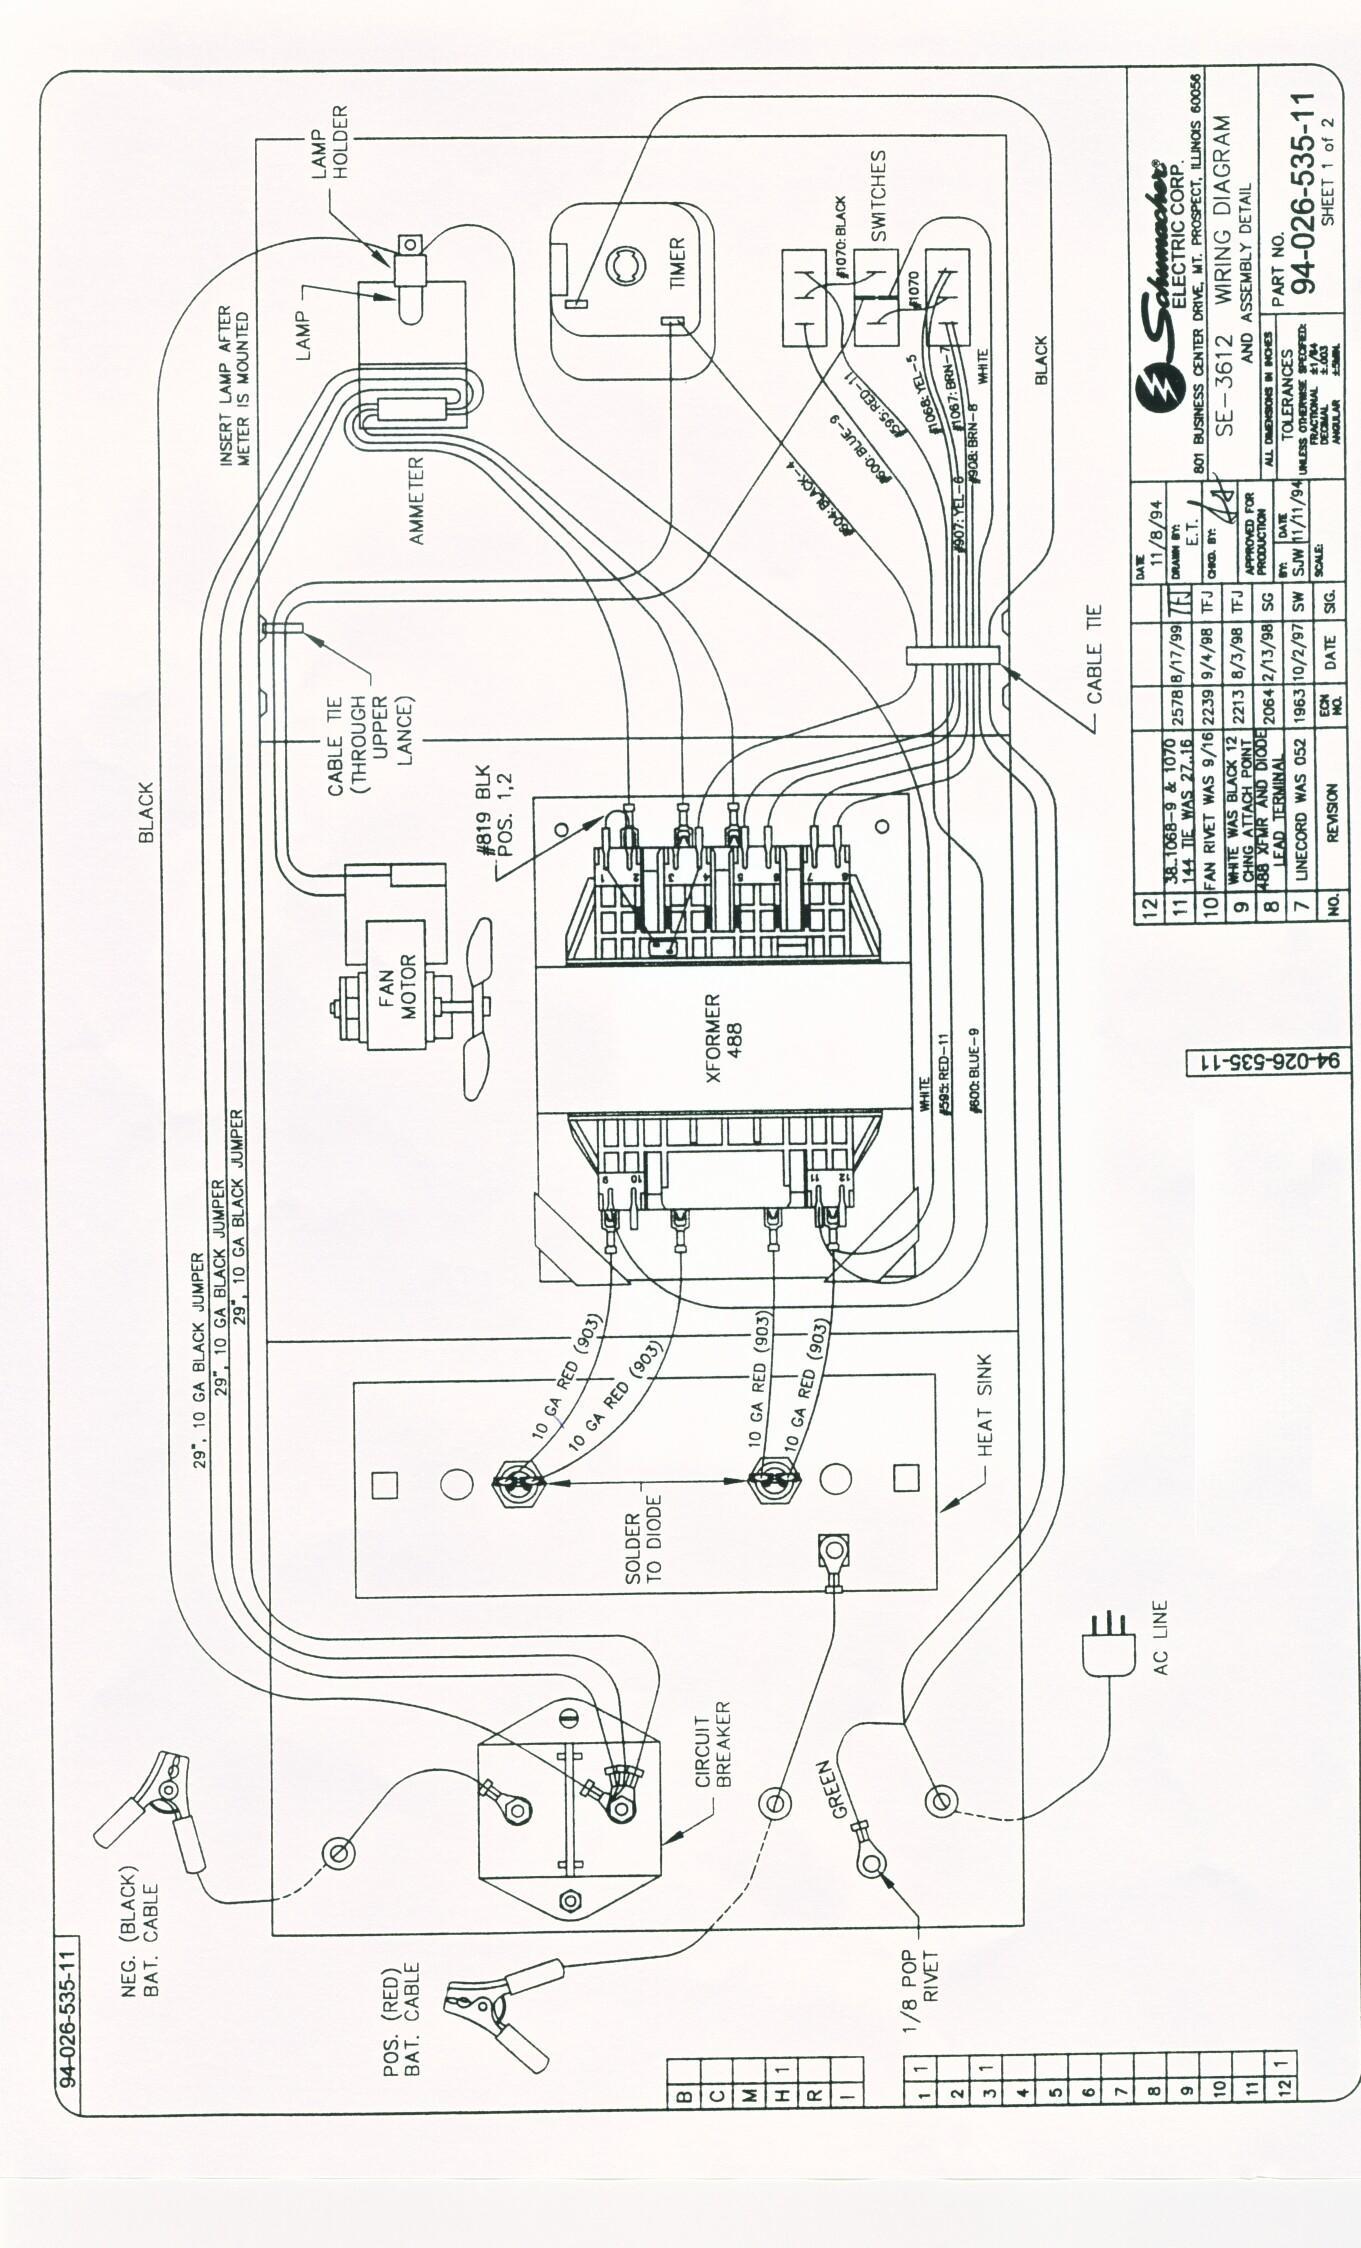 schumacher se 5212a wiring diagram